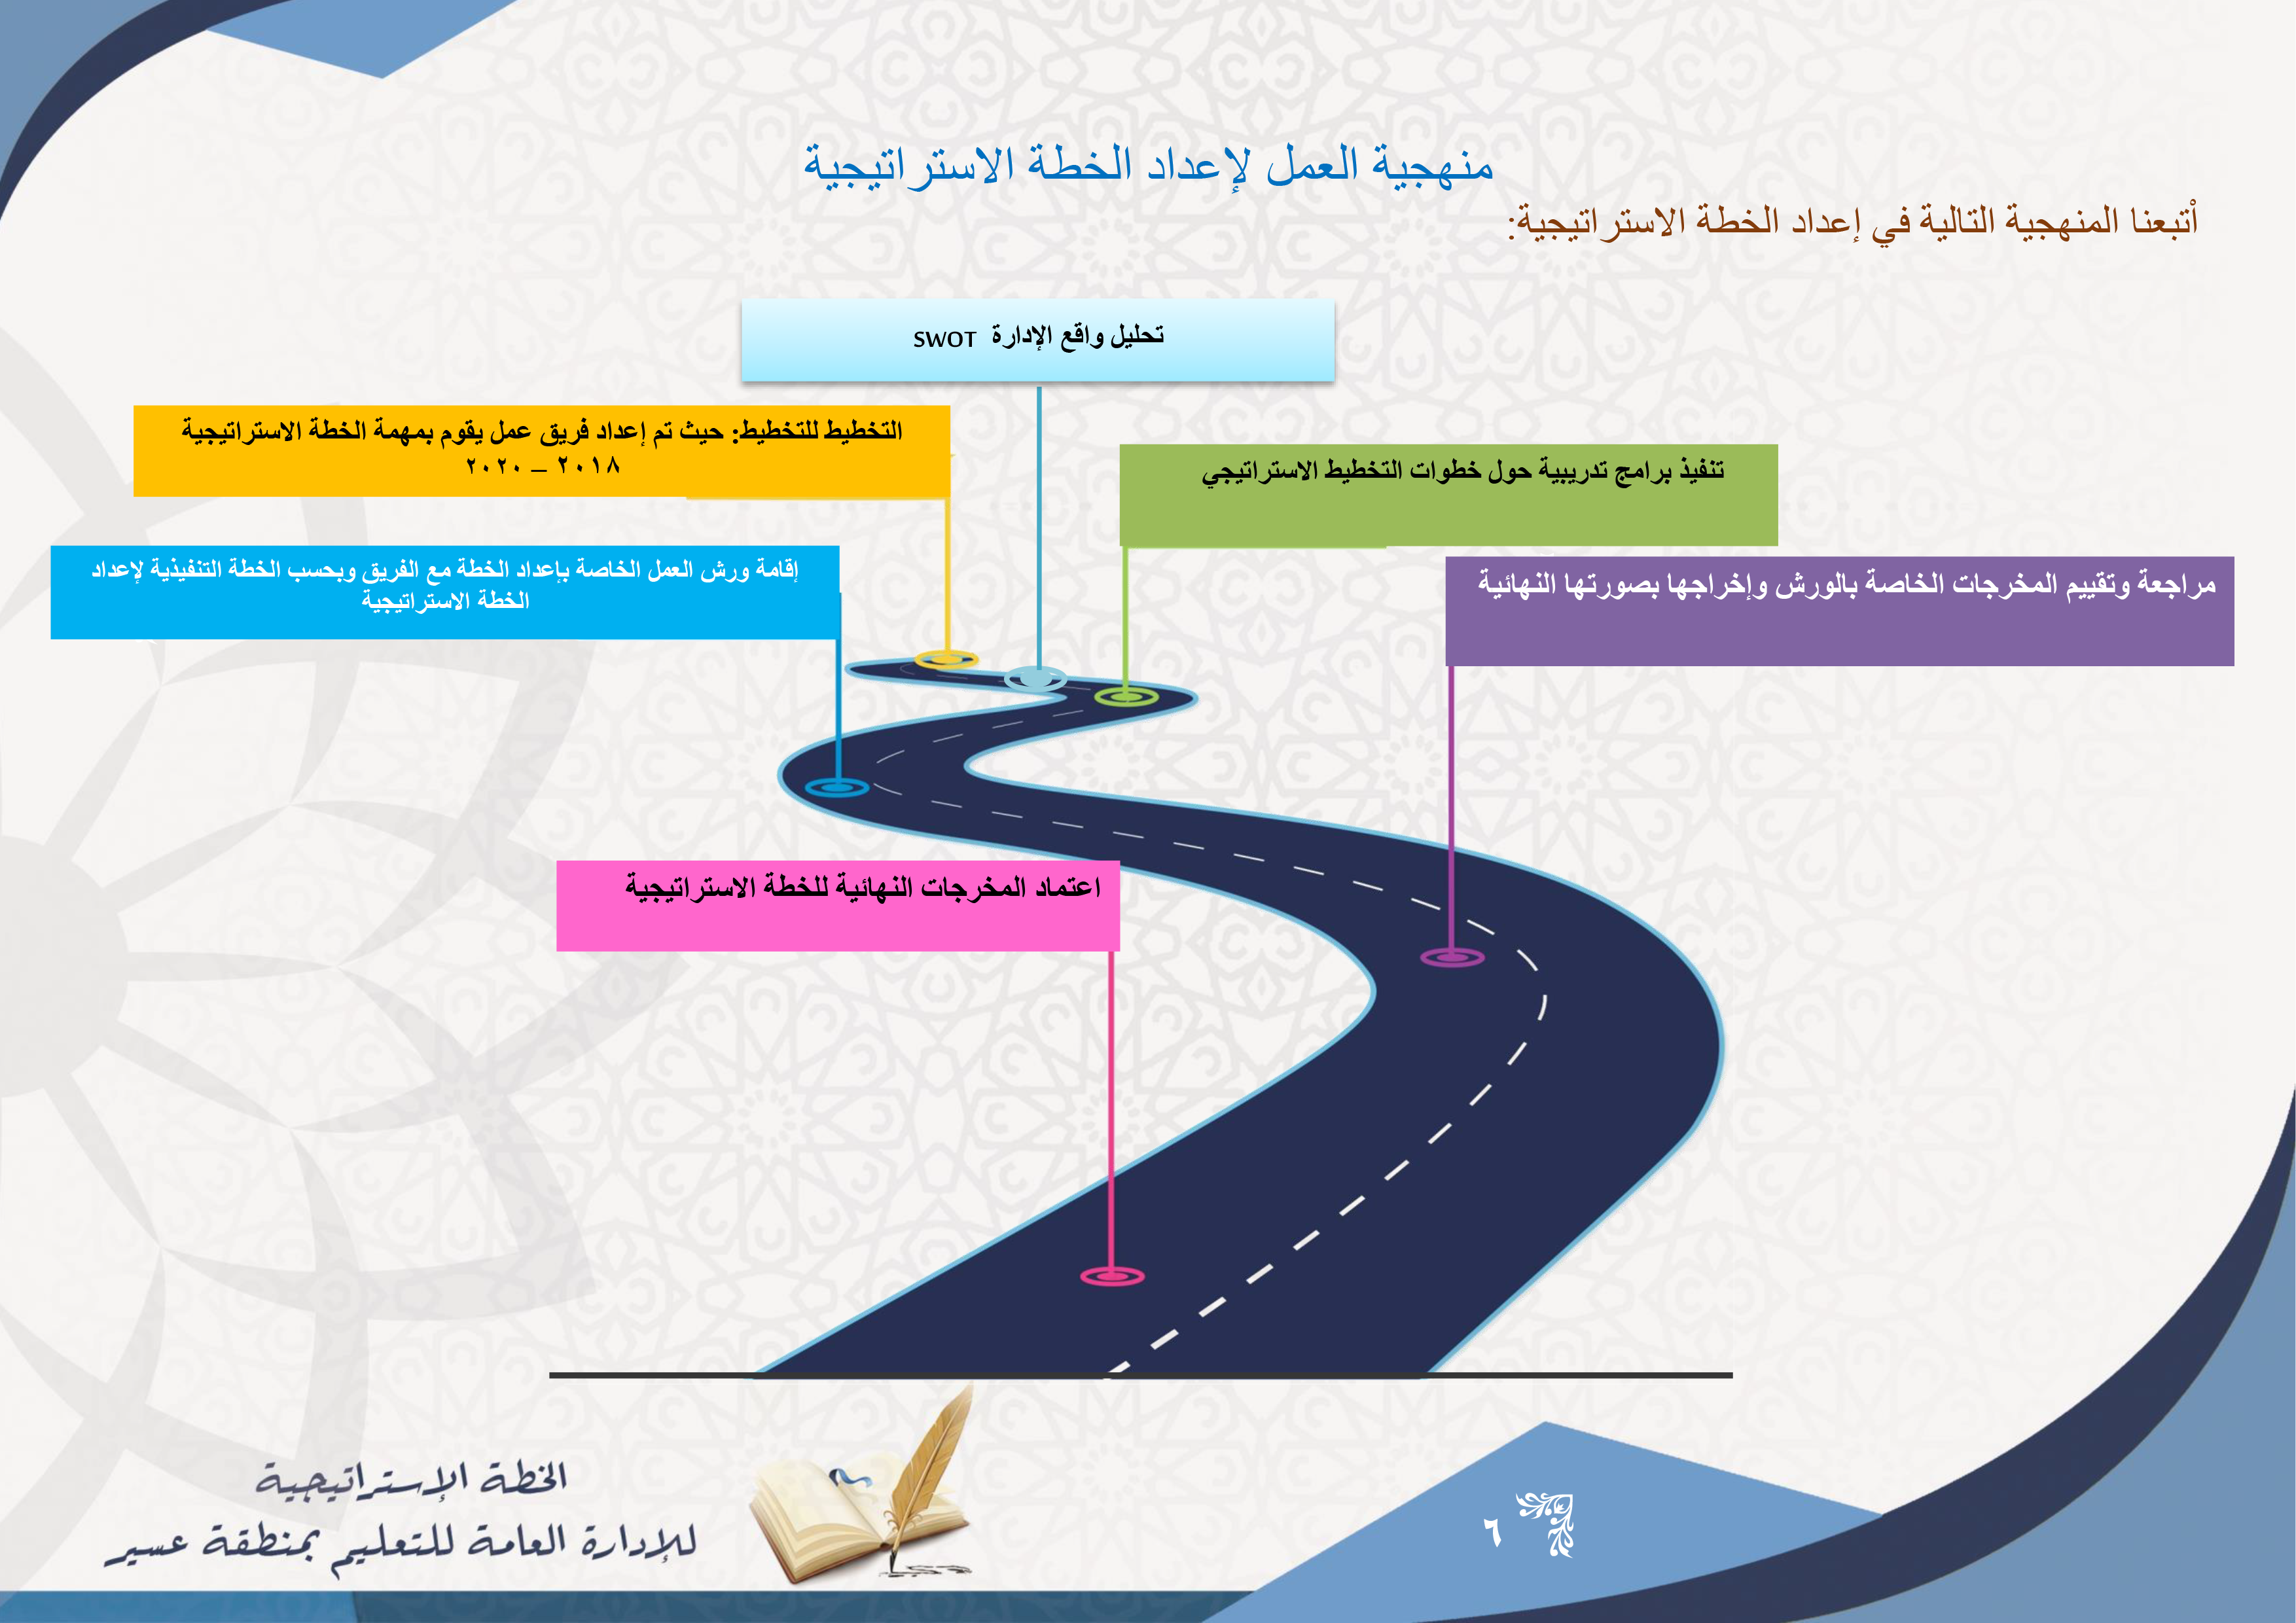 الخطة الاسراتيجية للإدارة العامة للتعليم بمنطقة عسير 2018- 2020م-9